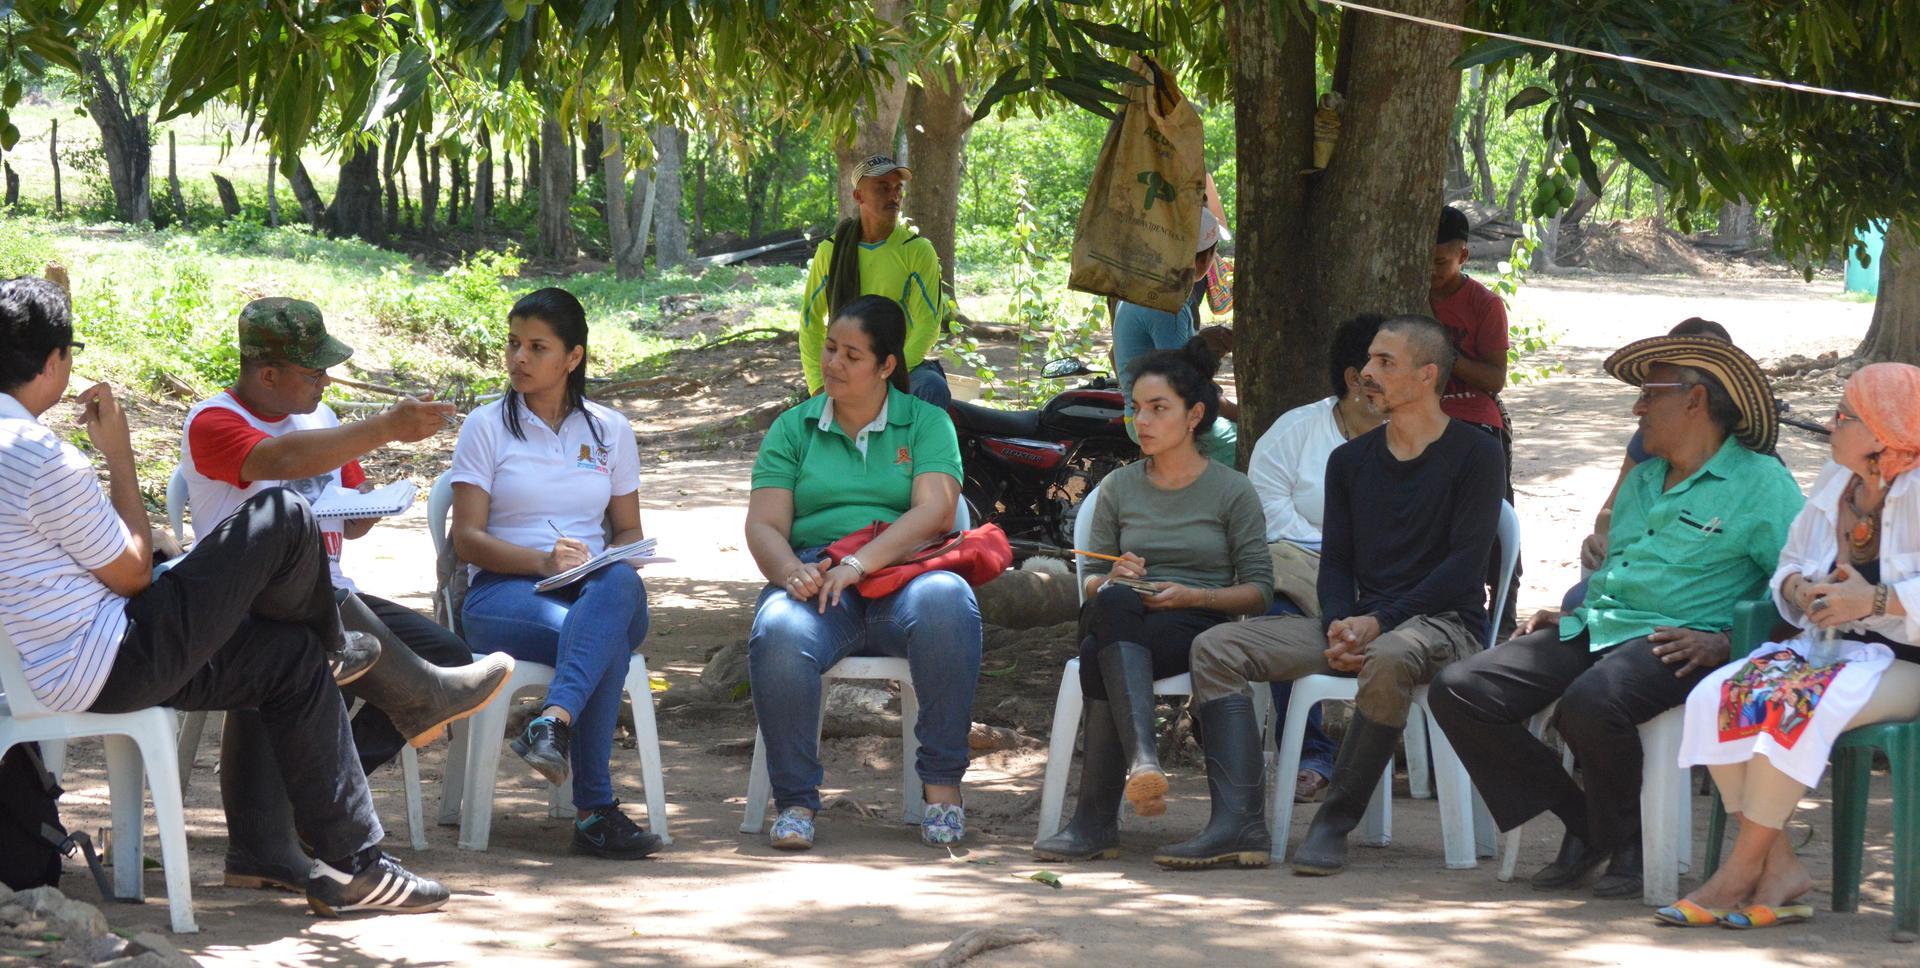 hoyennoticia.com, Uniguajira le apuesta a la construcción de paz